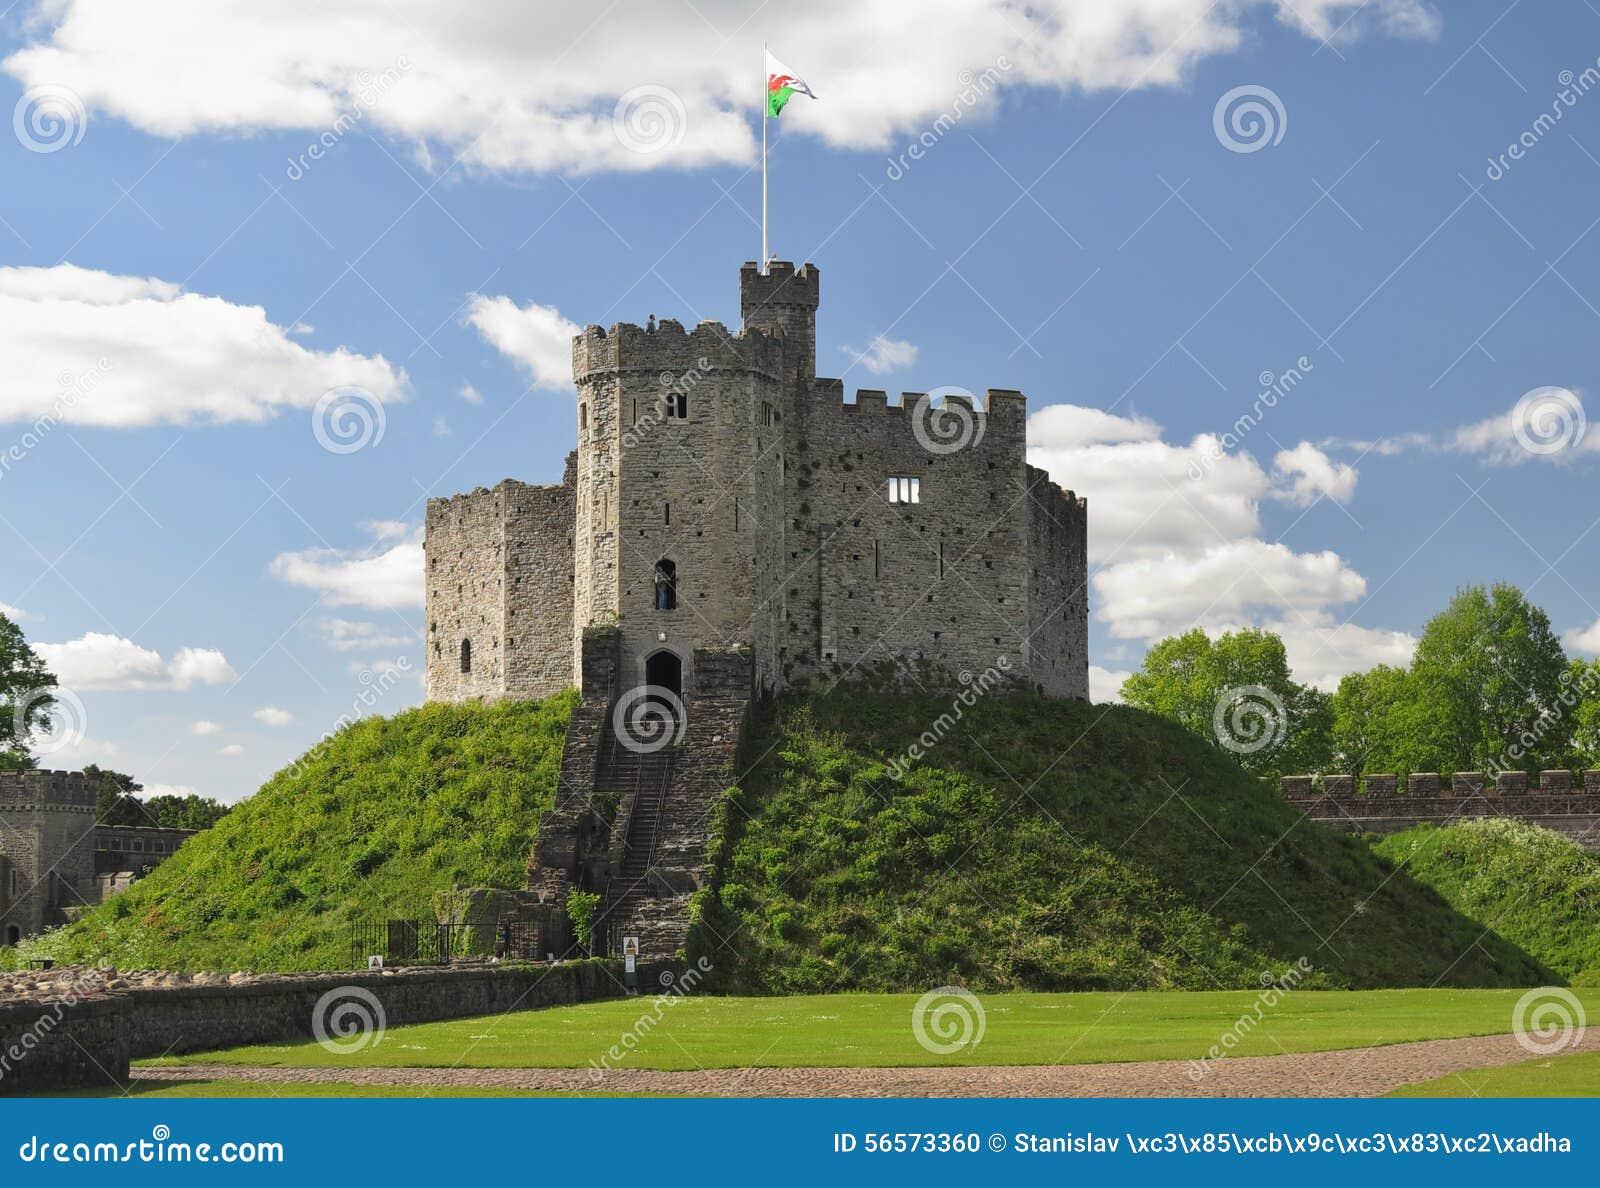 Download Προαύλιο του κάστρου του Κάρντιφ Στοκ Εικόνες - εικόνα από πέτρα, ancientness: 56573360